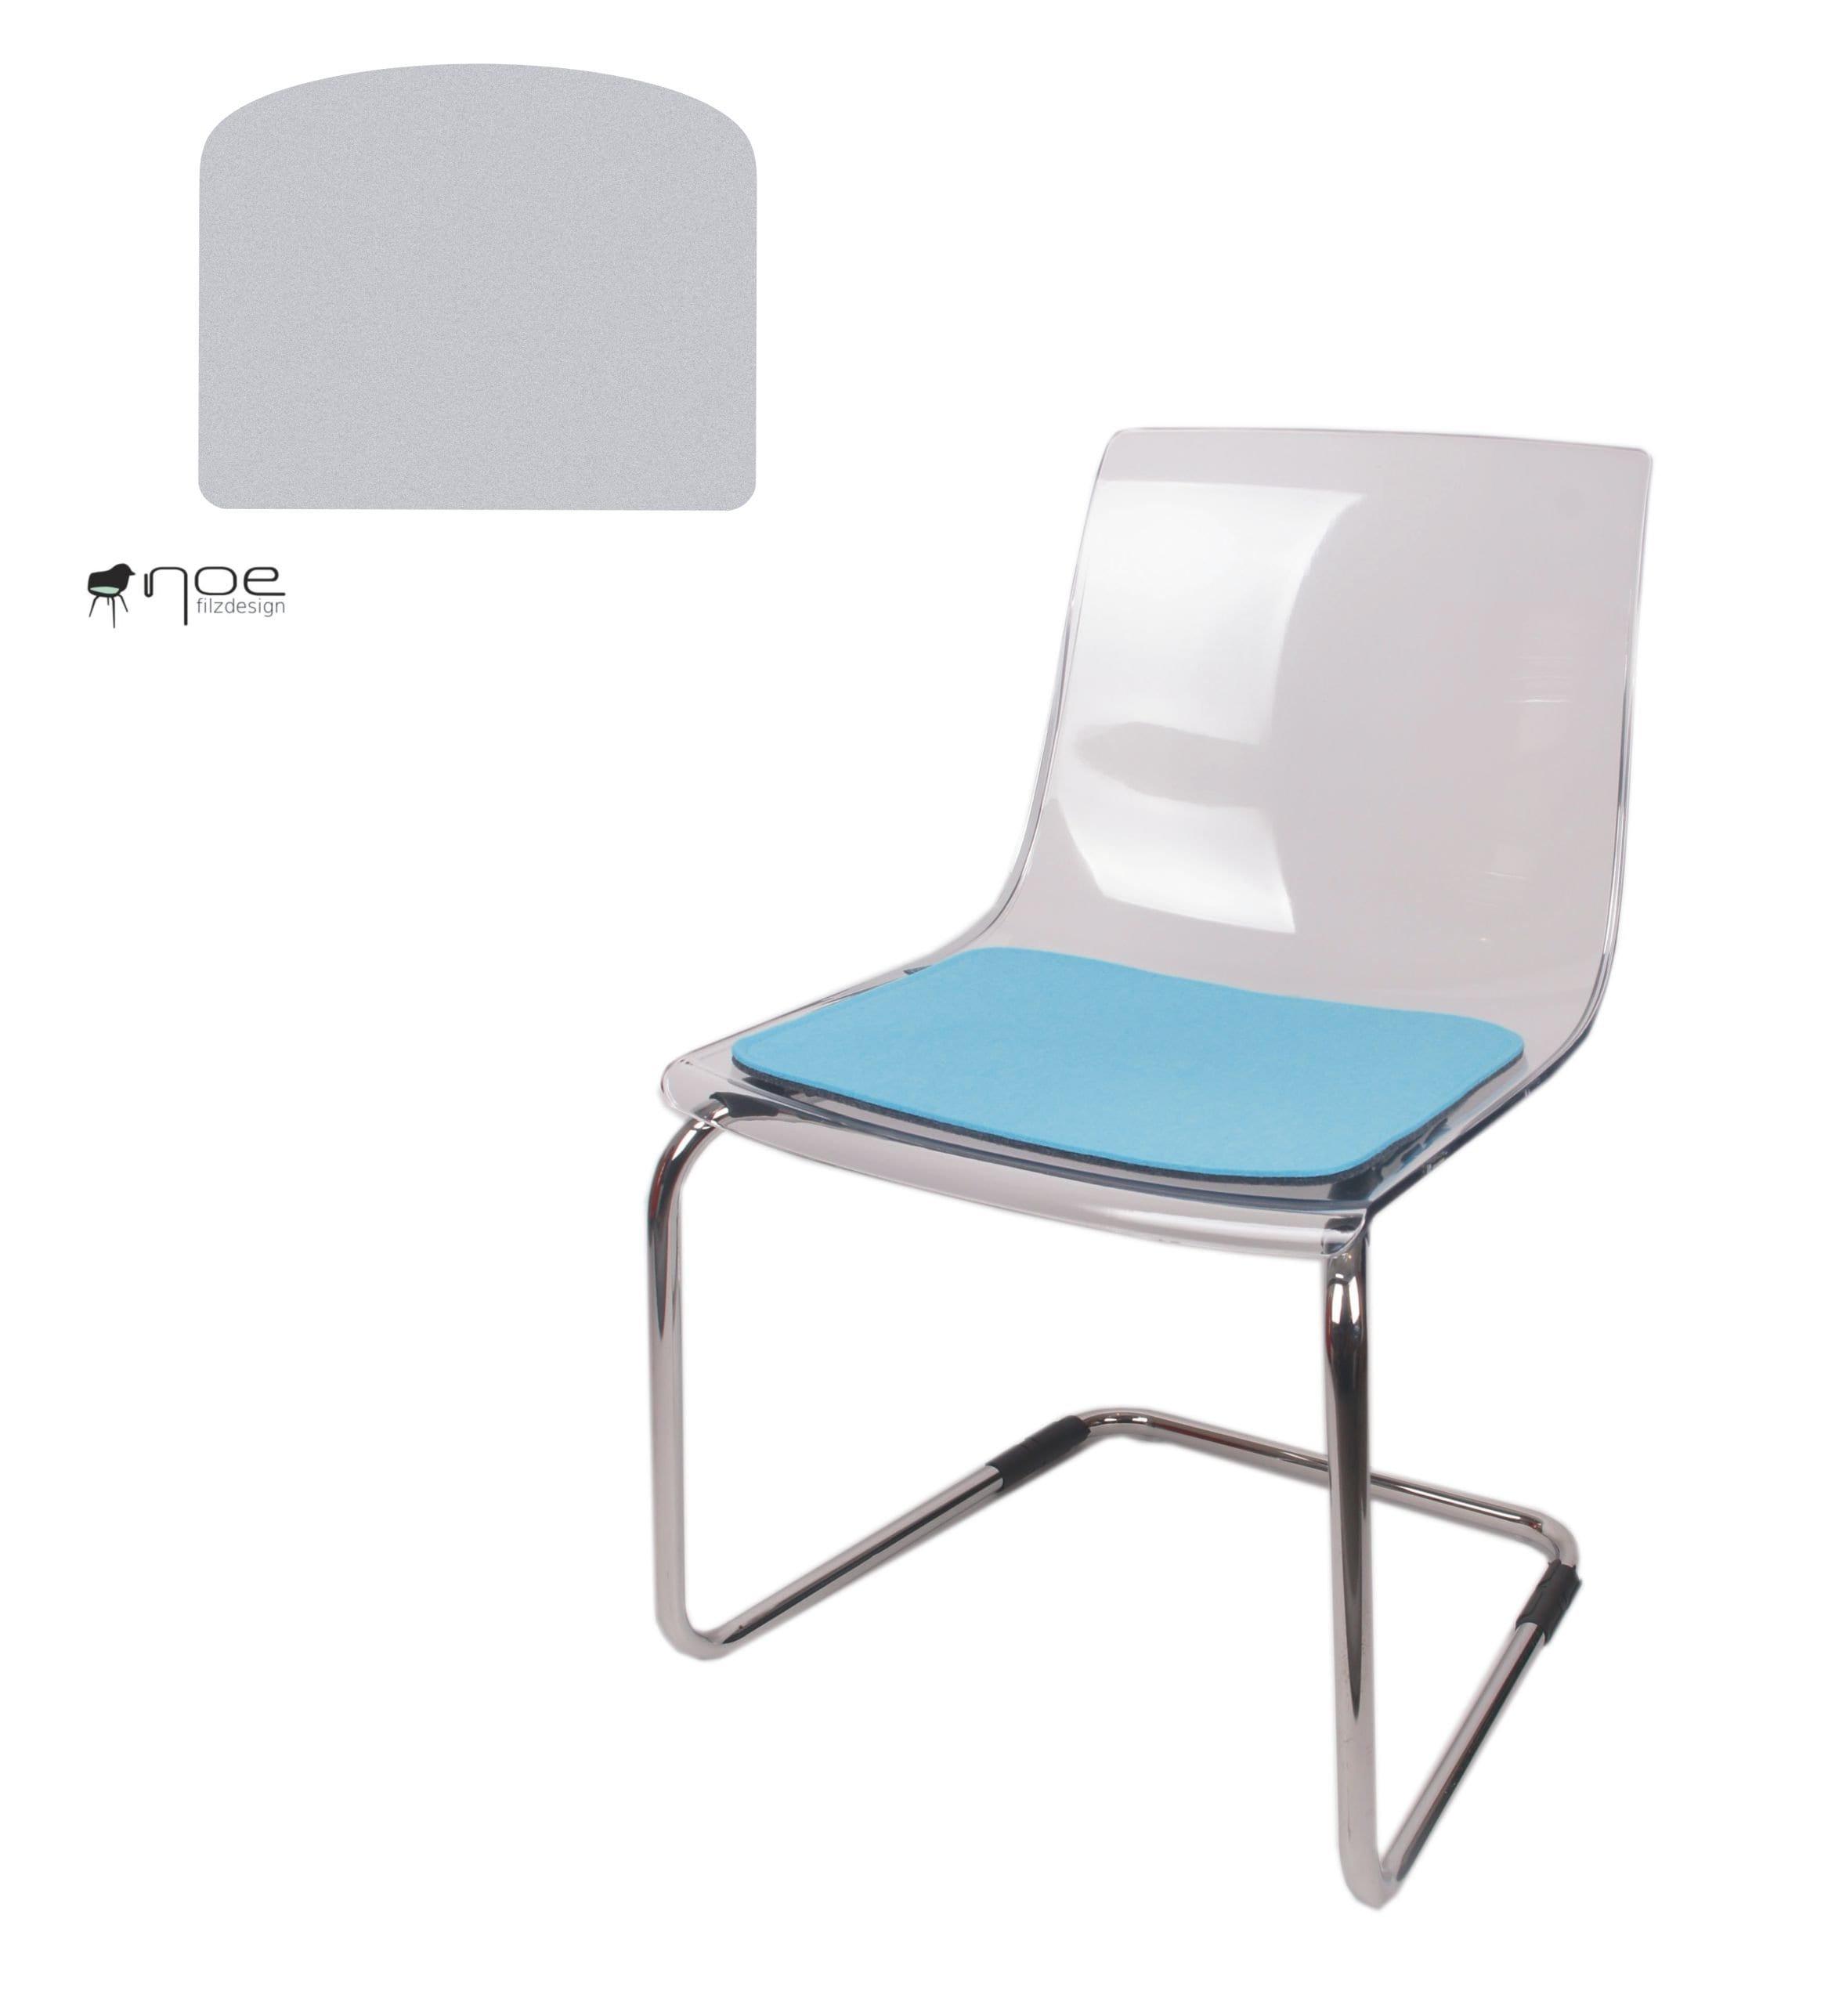 filz sitzauflage geeignet für ikea tobias stuhl | etsy